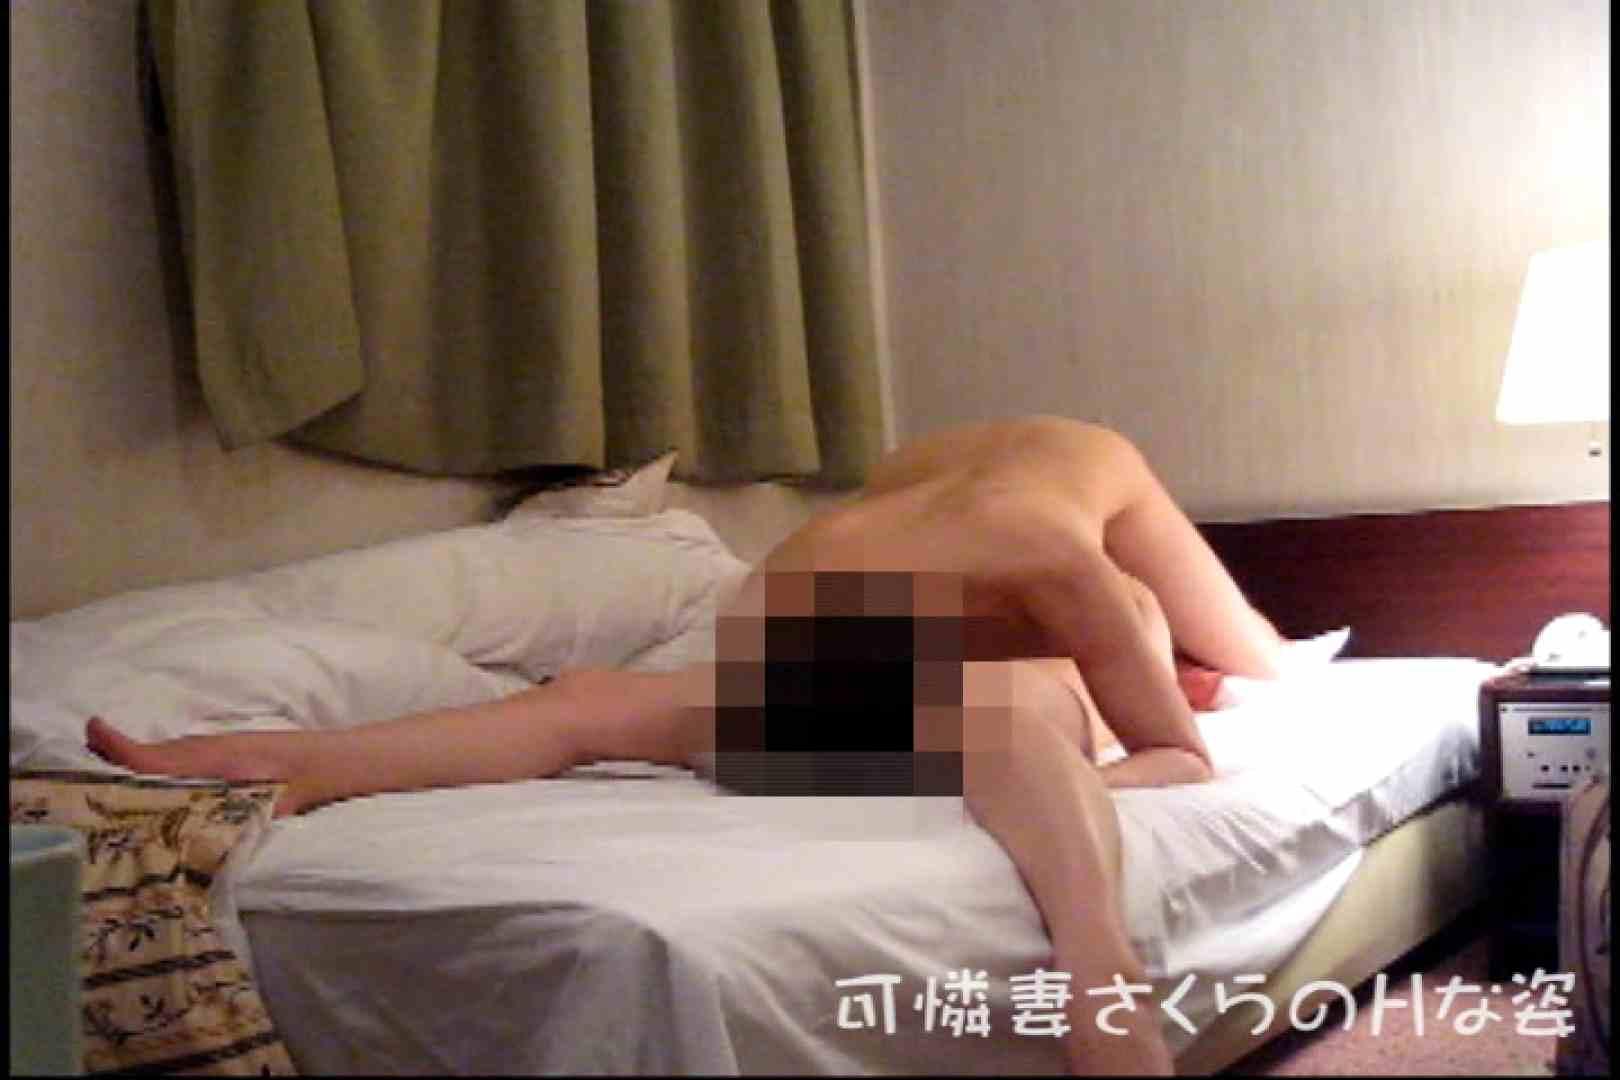 可憐妻さくらのHな姿vol.5前編 ホテル おまんこ無修正動画無料 63連発 52